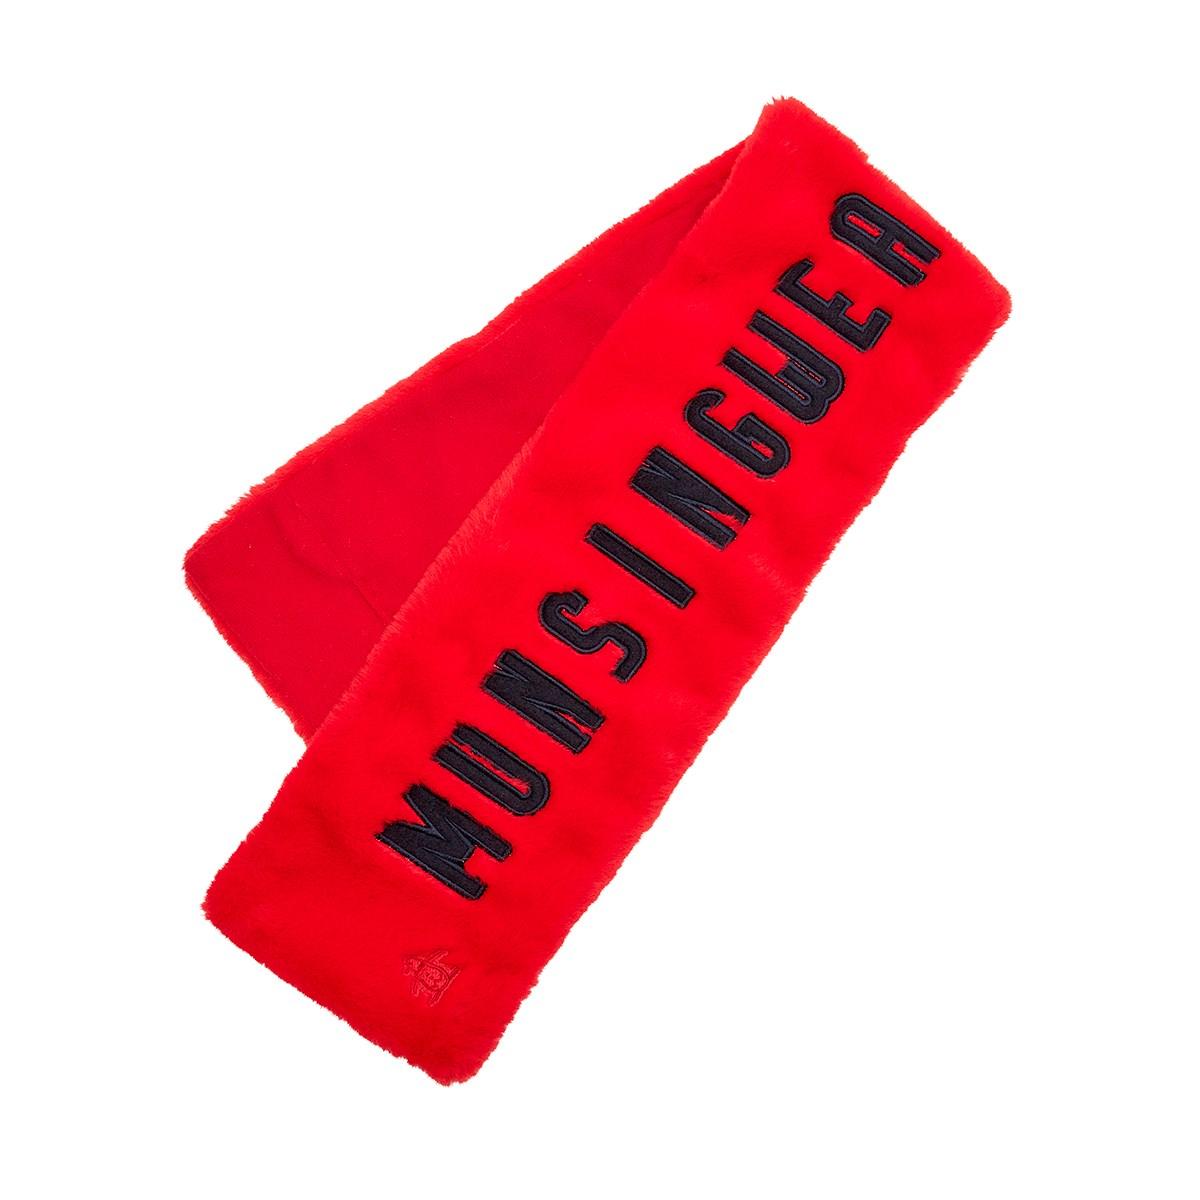 マンシングウェア Munsingwear コンパクトマフラー レッド 00 フリー レディス